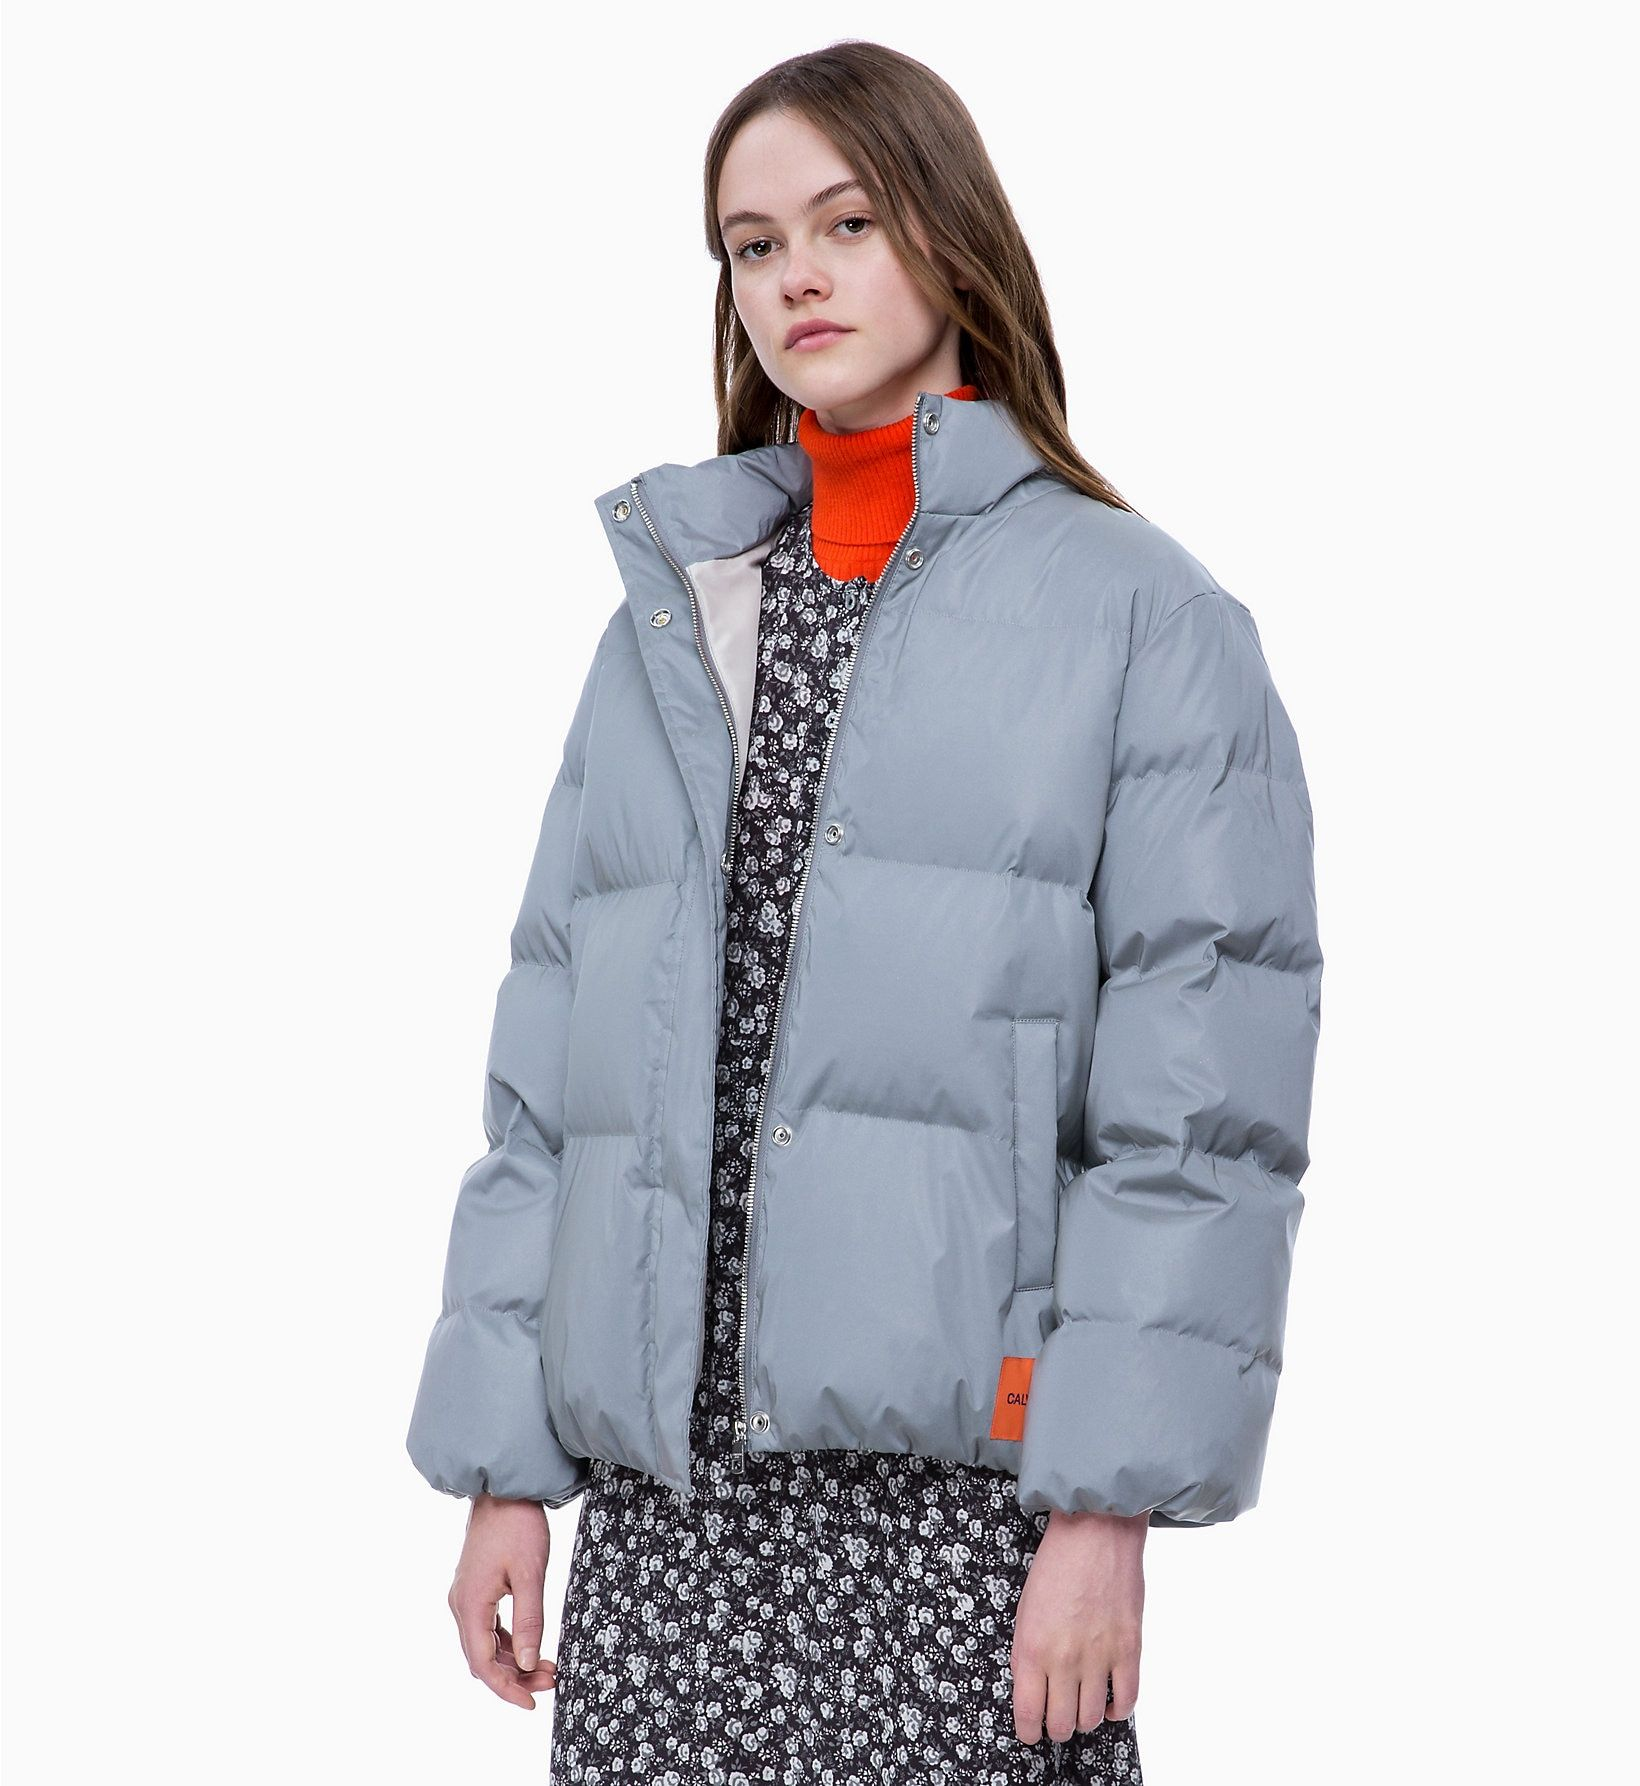 Calvin Klein Veste Doudoune Reflechissante En Duvet A 269 9 Love The Brands Jackets Calvin Klein Puffer Jackets [ 1786 x 1640 Pixel ]